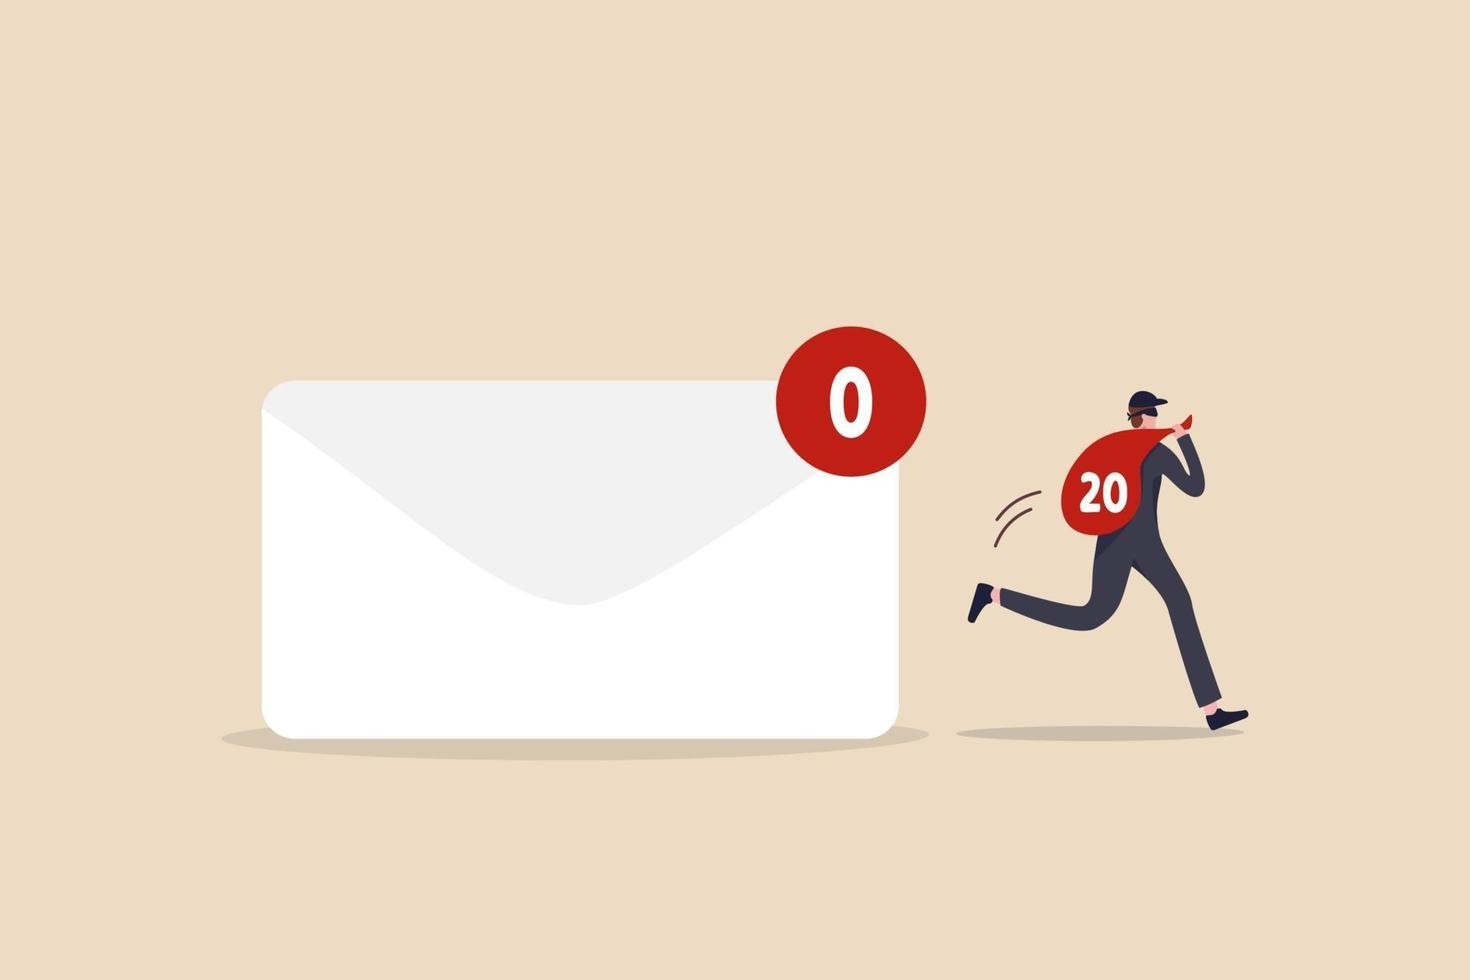 confidentialité des données, e-mail personnel confidentiel, voleur, cyber-hacker ou fournisseur d'e-mail montrent de la publicité basée sur le concept d'informations privilégiées vecteur